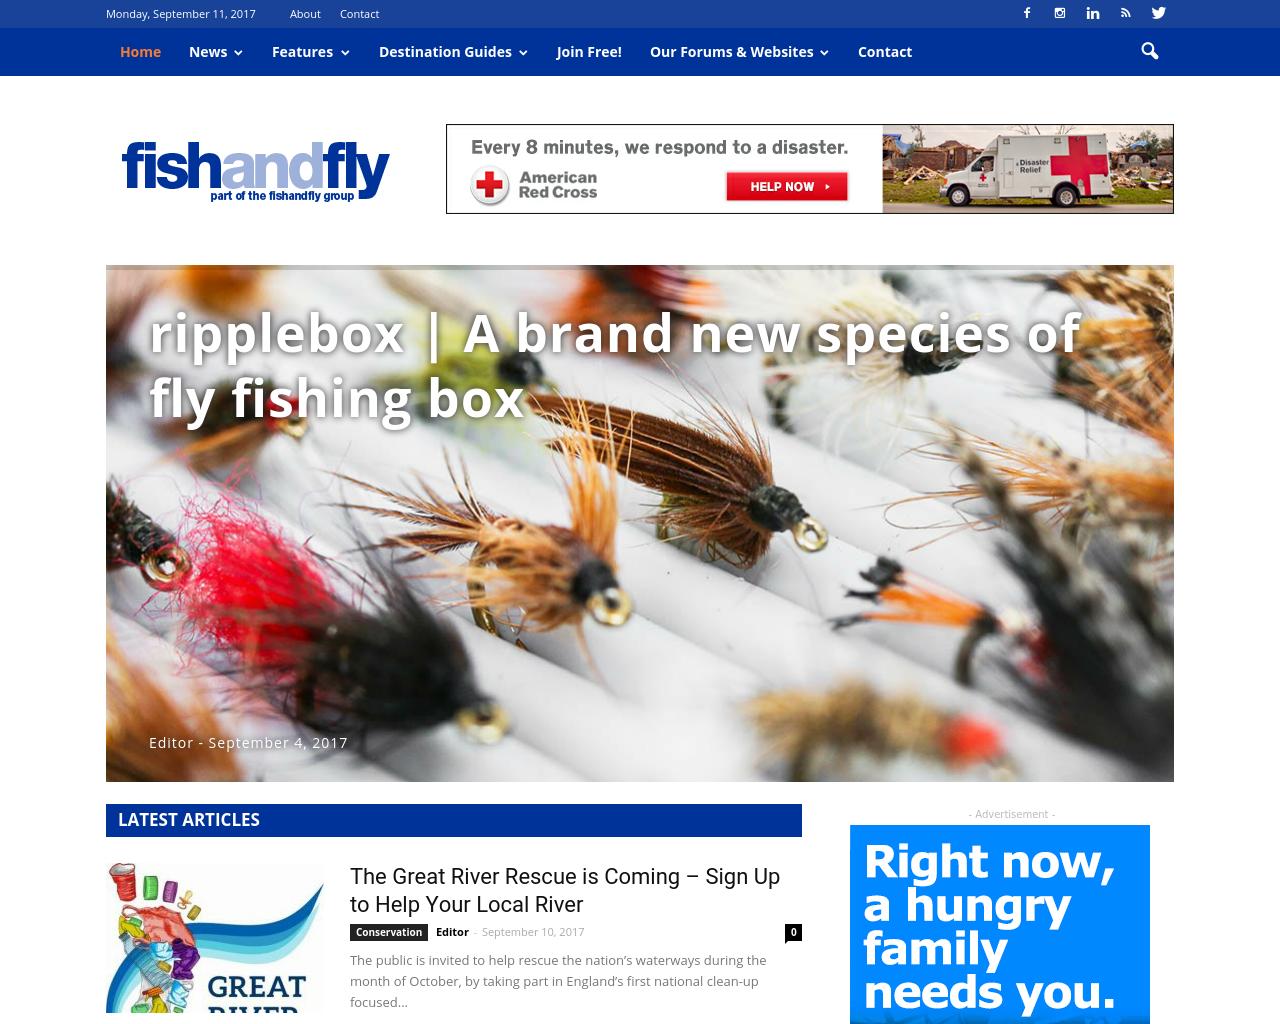 Salmon-Atlas-Advertising-Reviews-Pricing